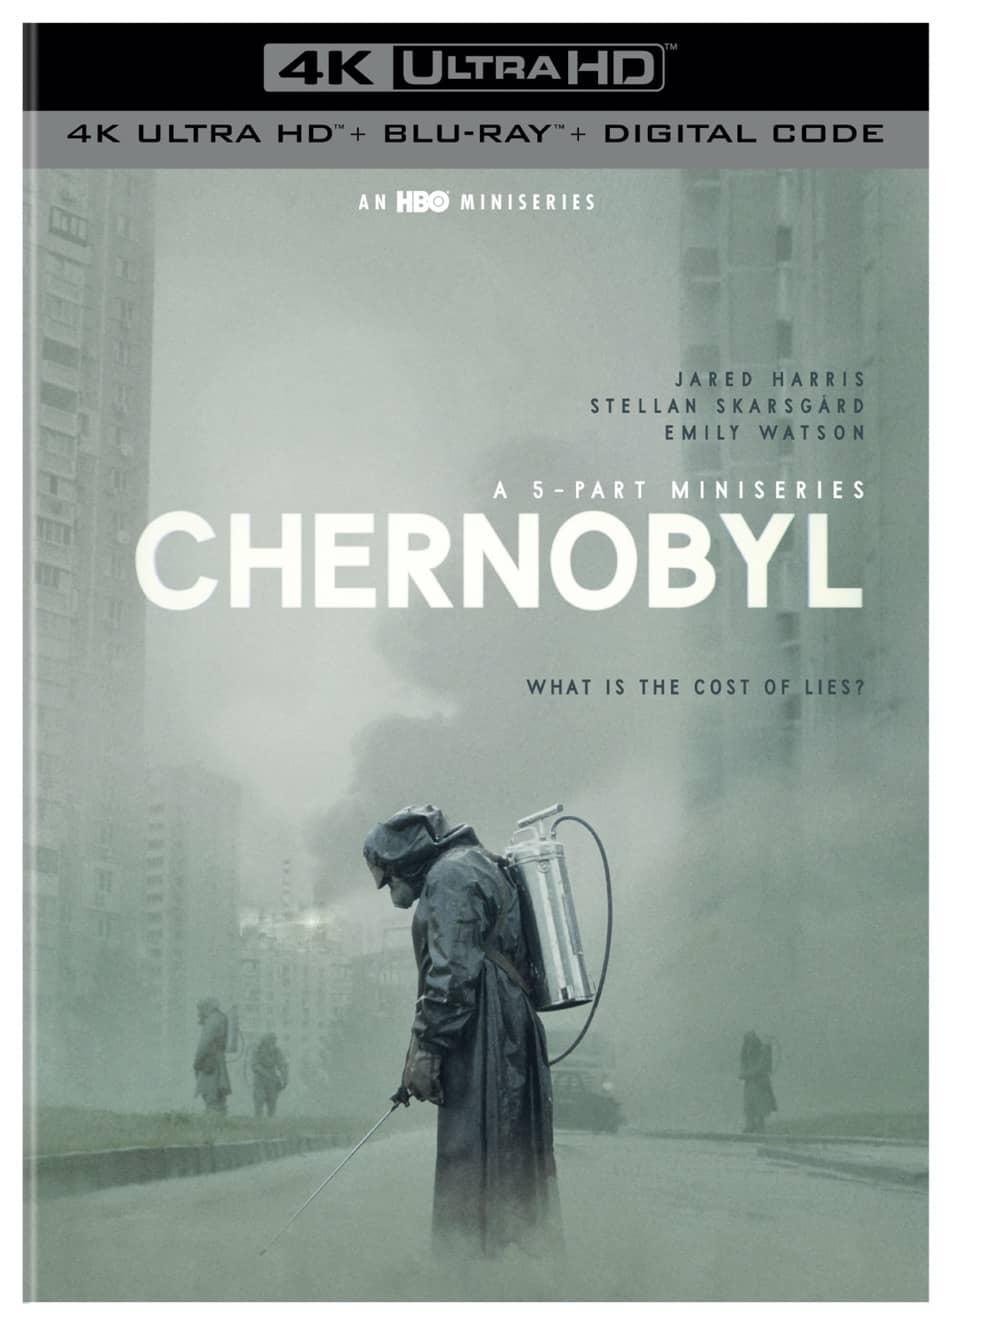 Chernobyl 4K UHD2